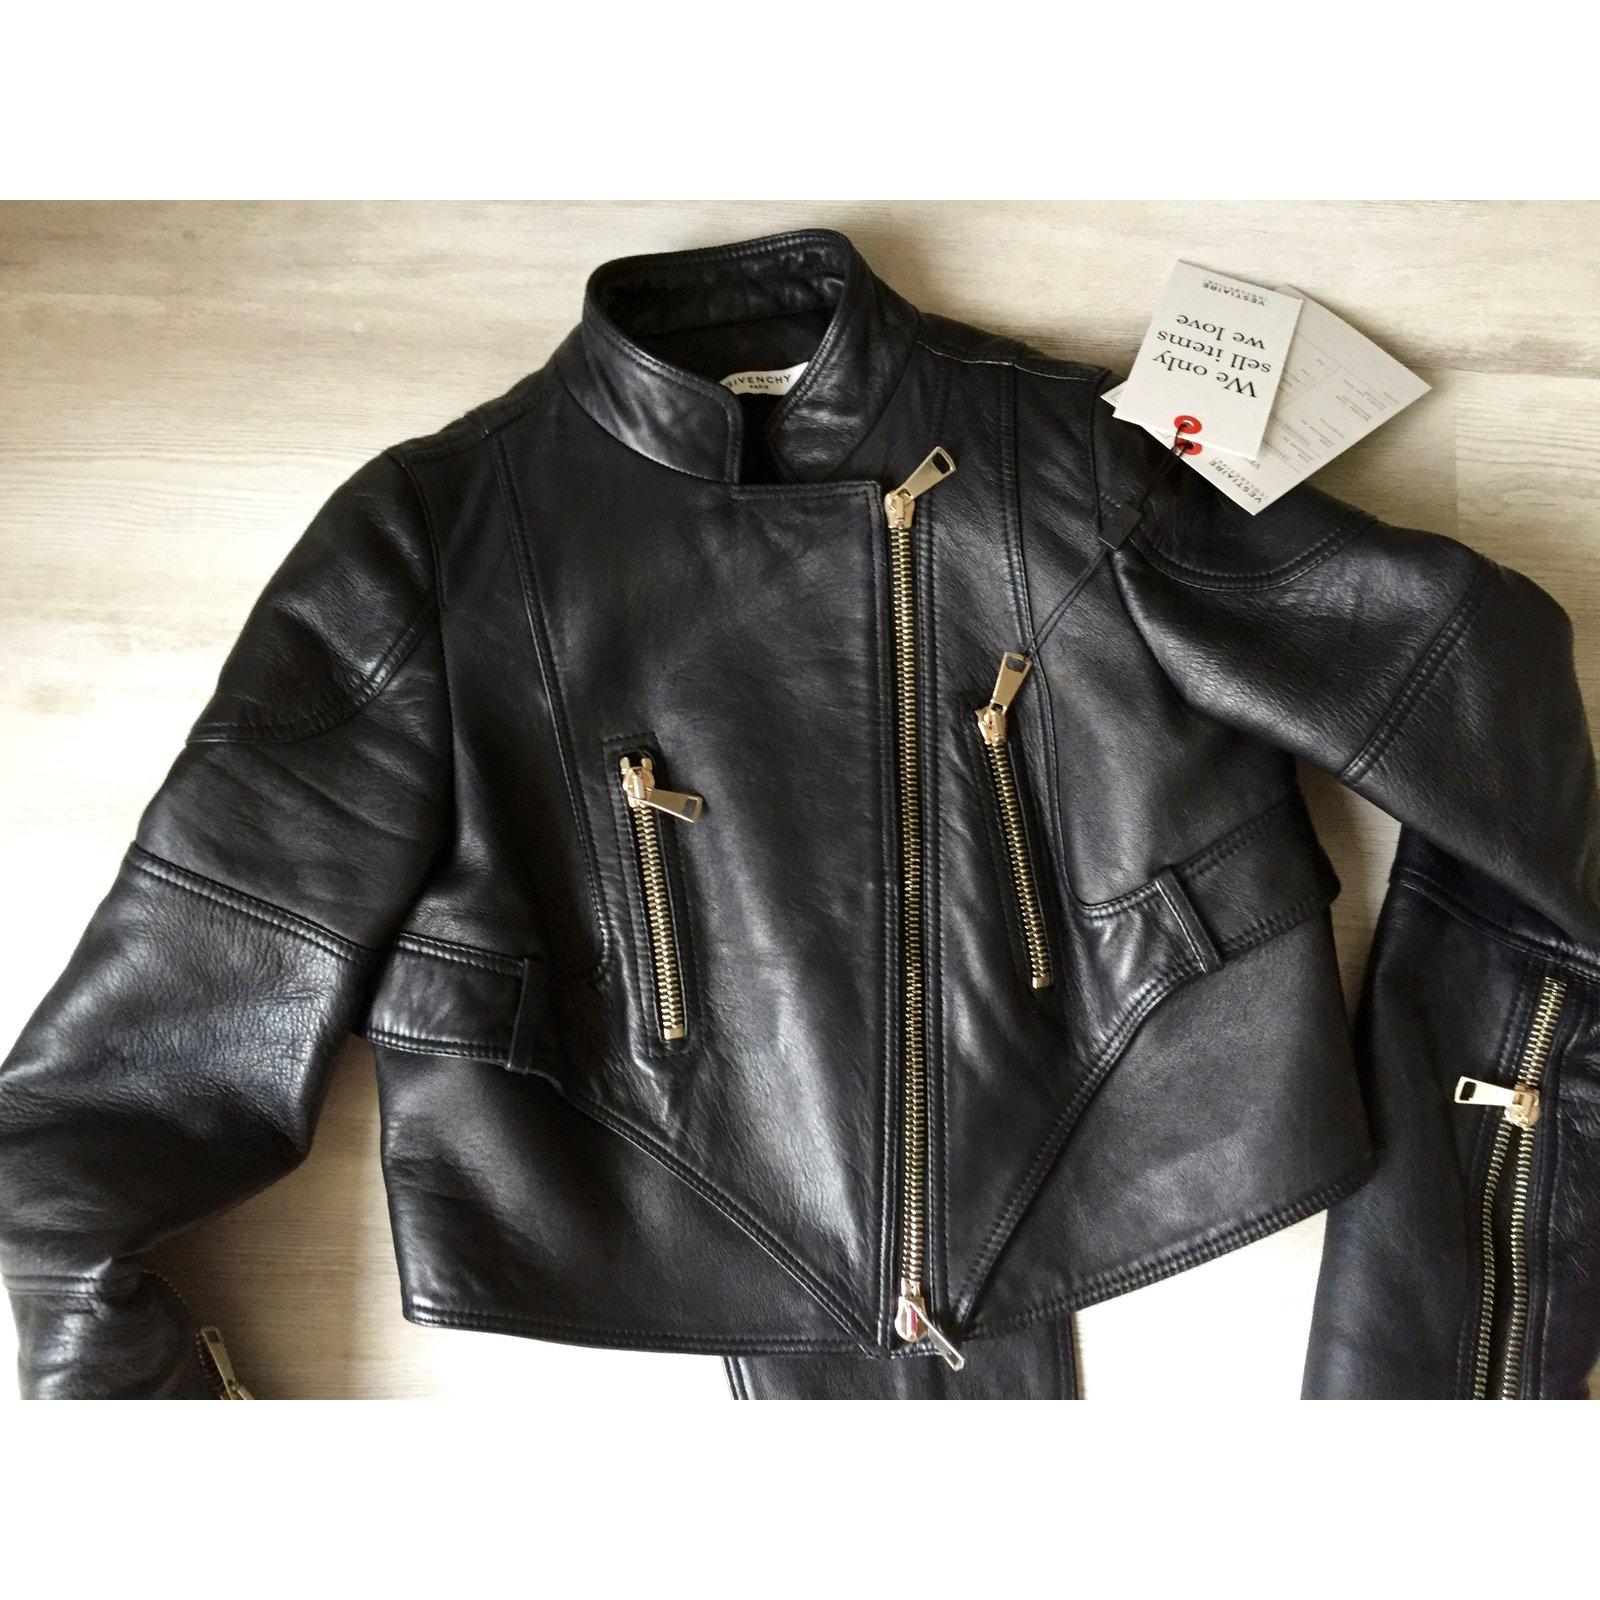 626296daadd5b Givenchy Biker jackets Biker jackets Leather Black ref.49233 - Joli Closet